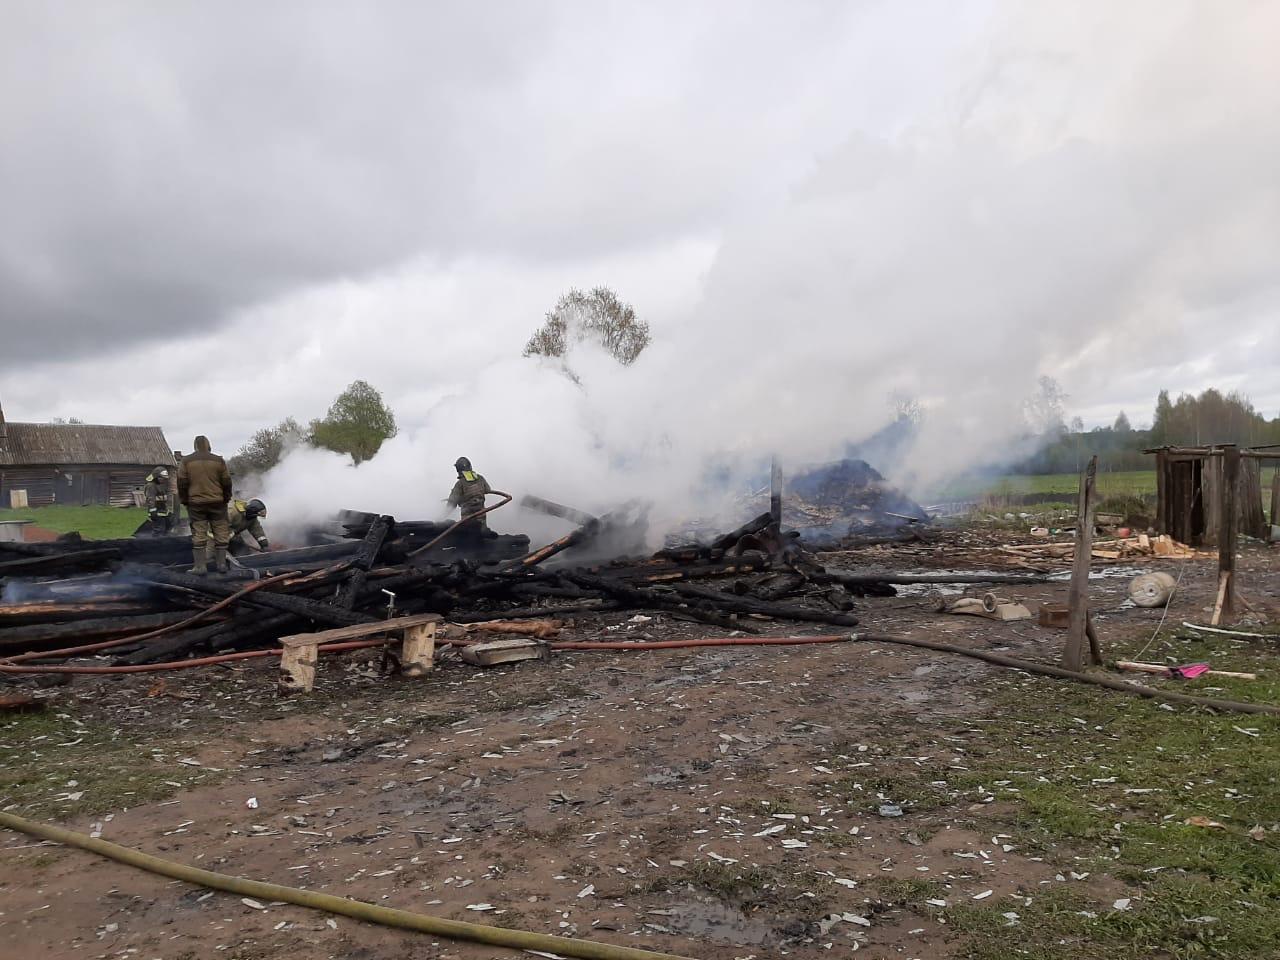 Временное жилье после пожара предоставлено многодетной семье из Угличского района